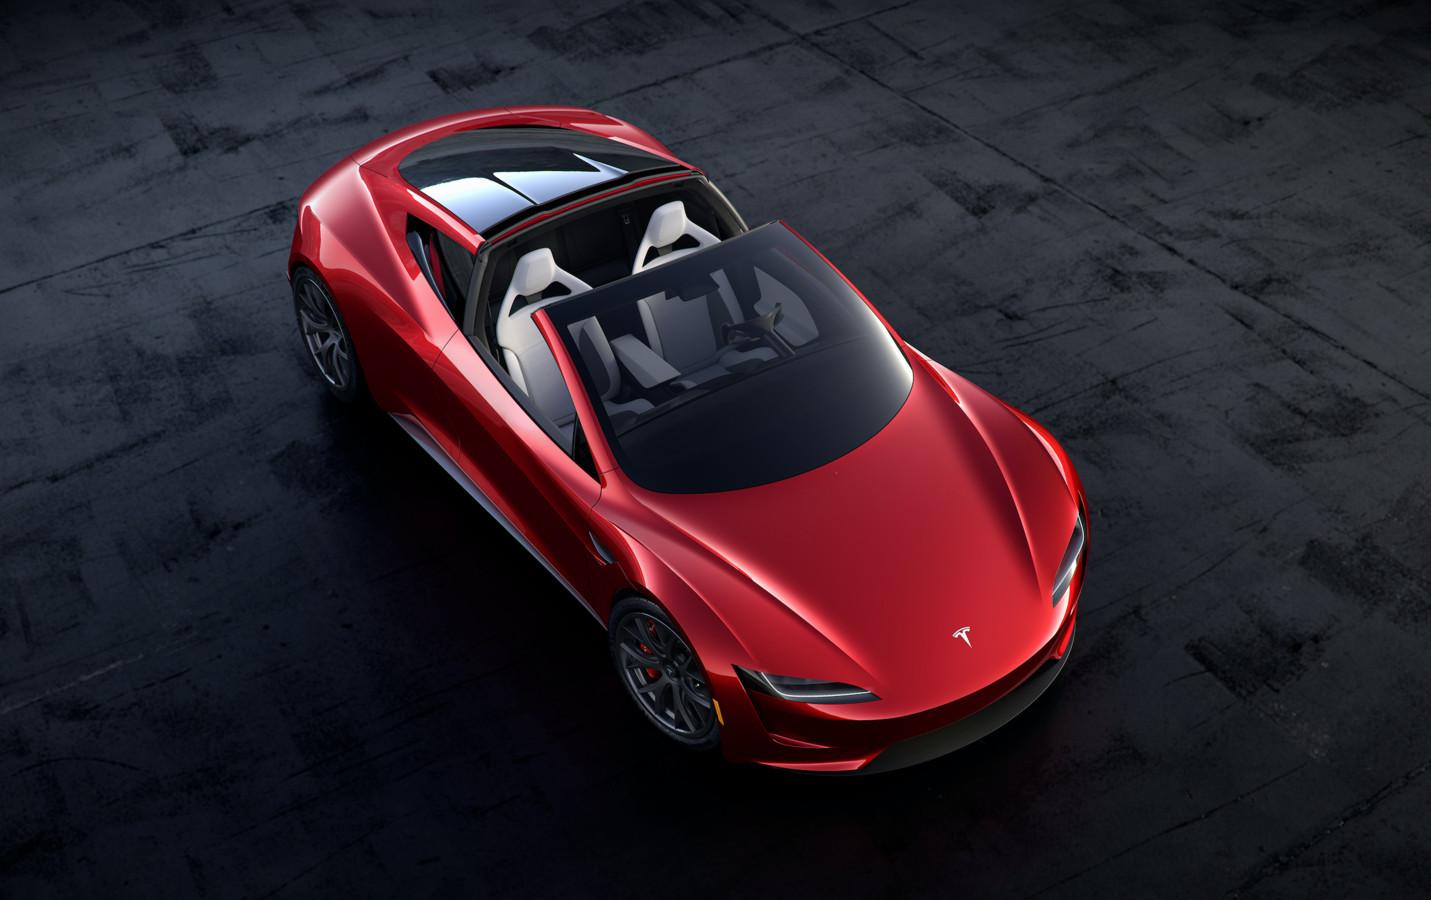 De volgende Tesla Roadster is al in 2017 aangekondigd, maar komt waarschijnlijk pas in 2023